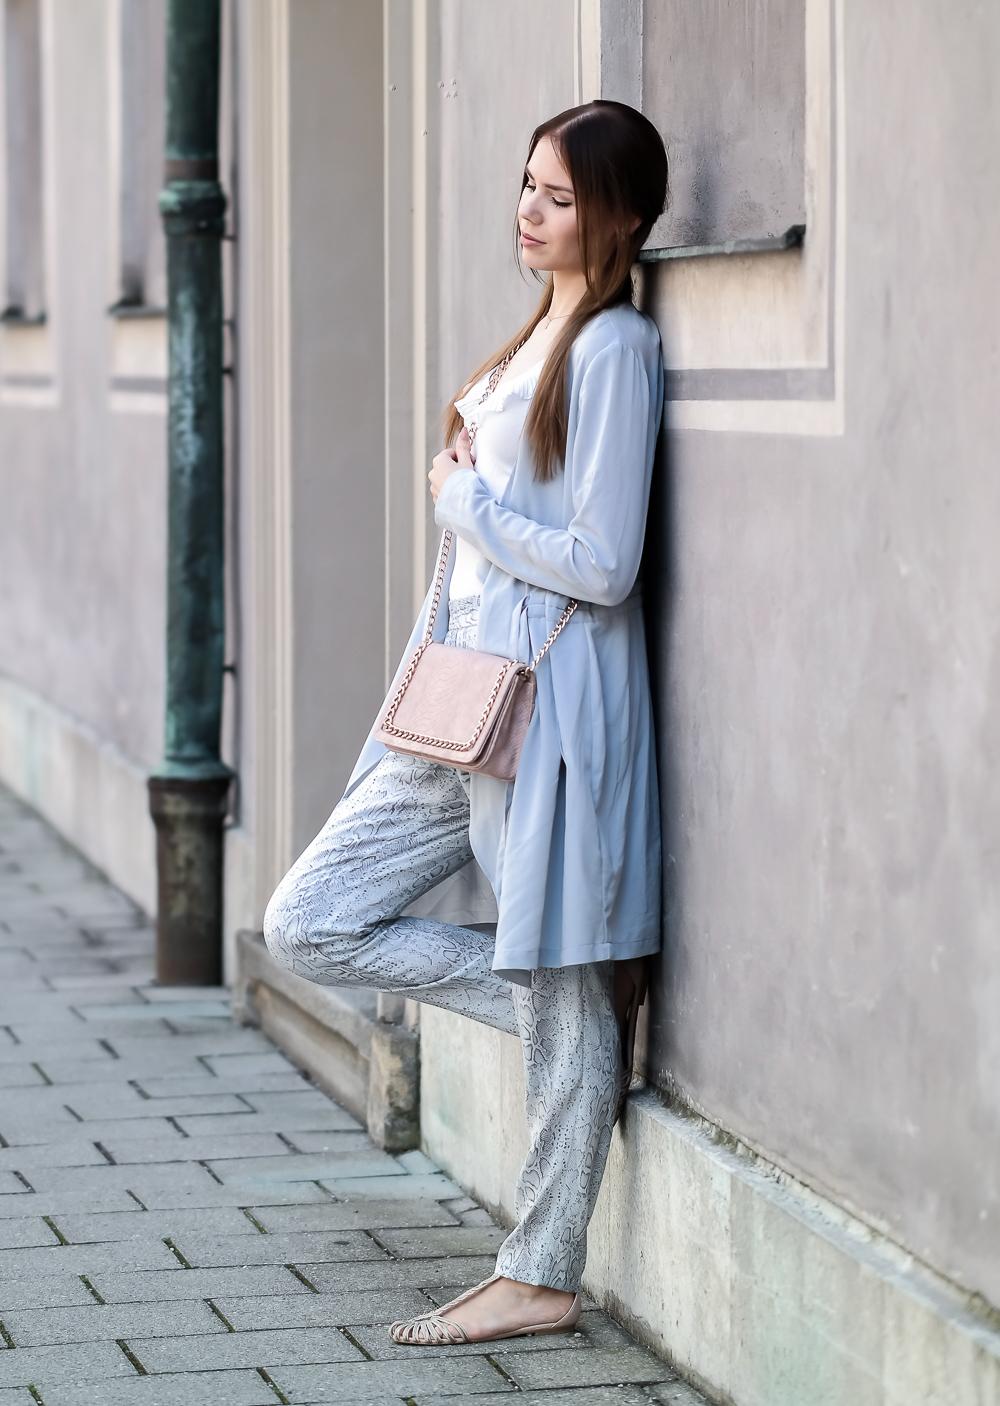 TheRubinRose-The Rubin Rose-Modeblag München-Fashionblog München-Munich-Germany-Deutschland-Privates vs. Geschäftliches-Privates-Beruf-Freunde-Familie-Beziehung-Freund-Reisen-Asos-Zara-H&M-Only-Event-Feiern-Religion-Politik-Do's und Don'ts